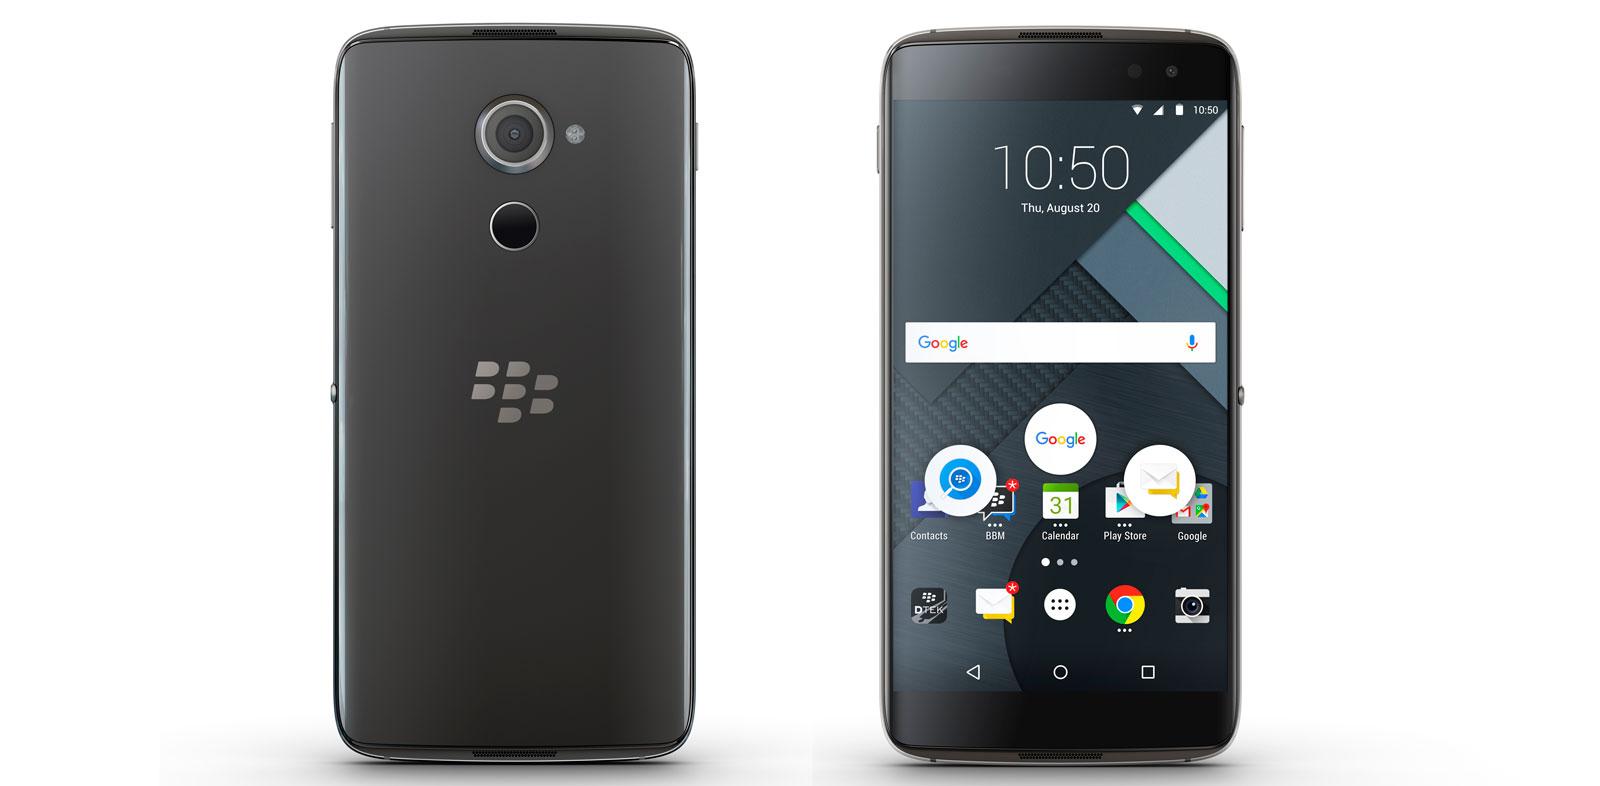 blackberry_dtek60_2